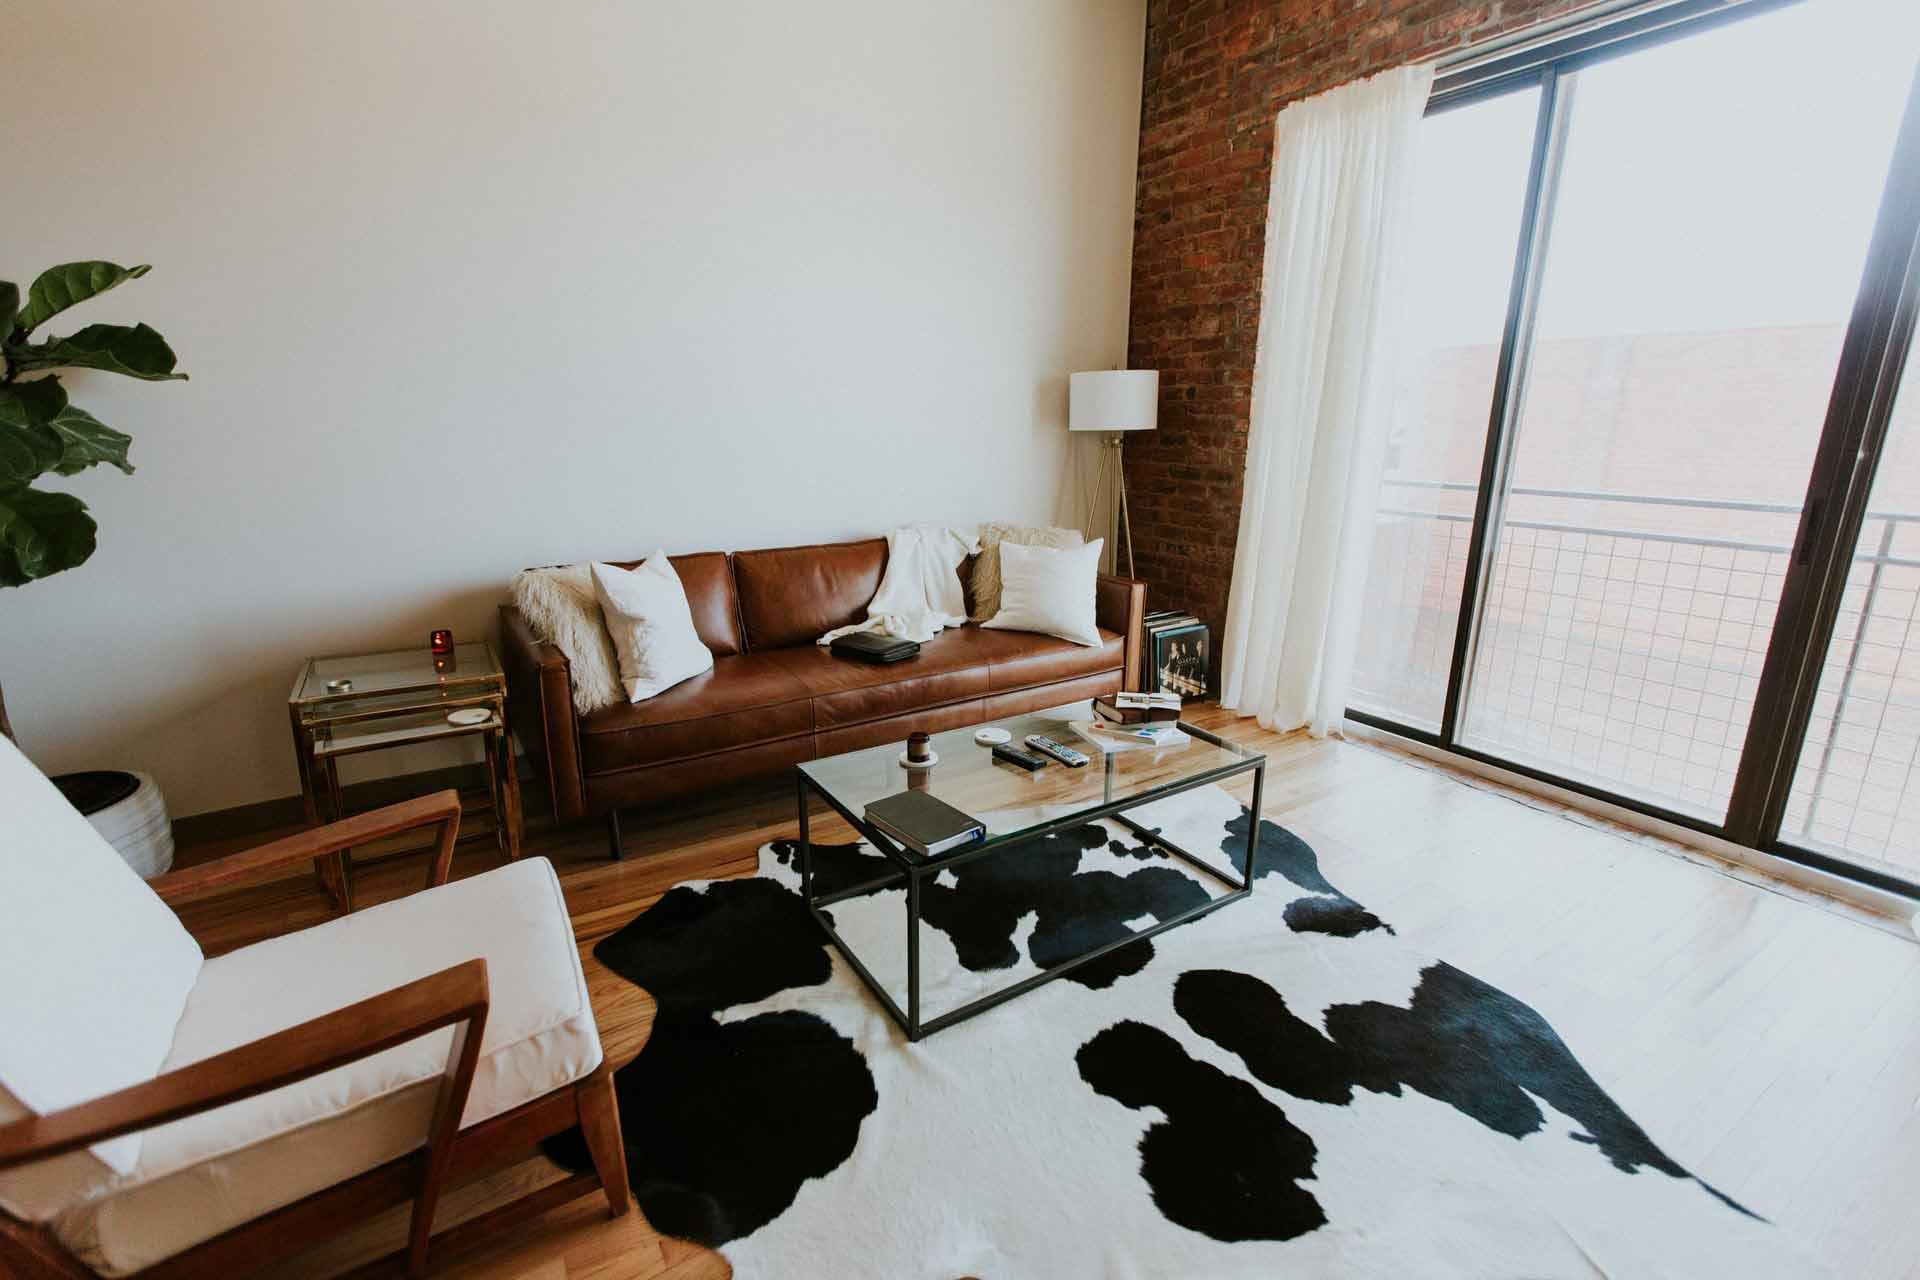 Karpet hitam putih mirip bulu binatang, foto oleh Hannah Busing, via Unsplash.com